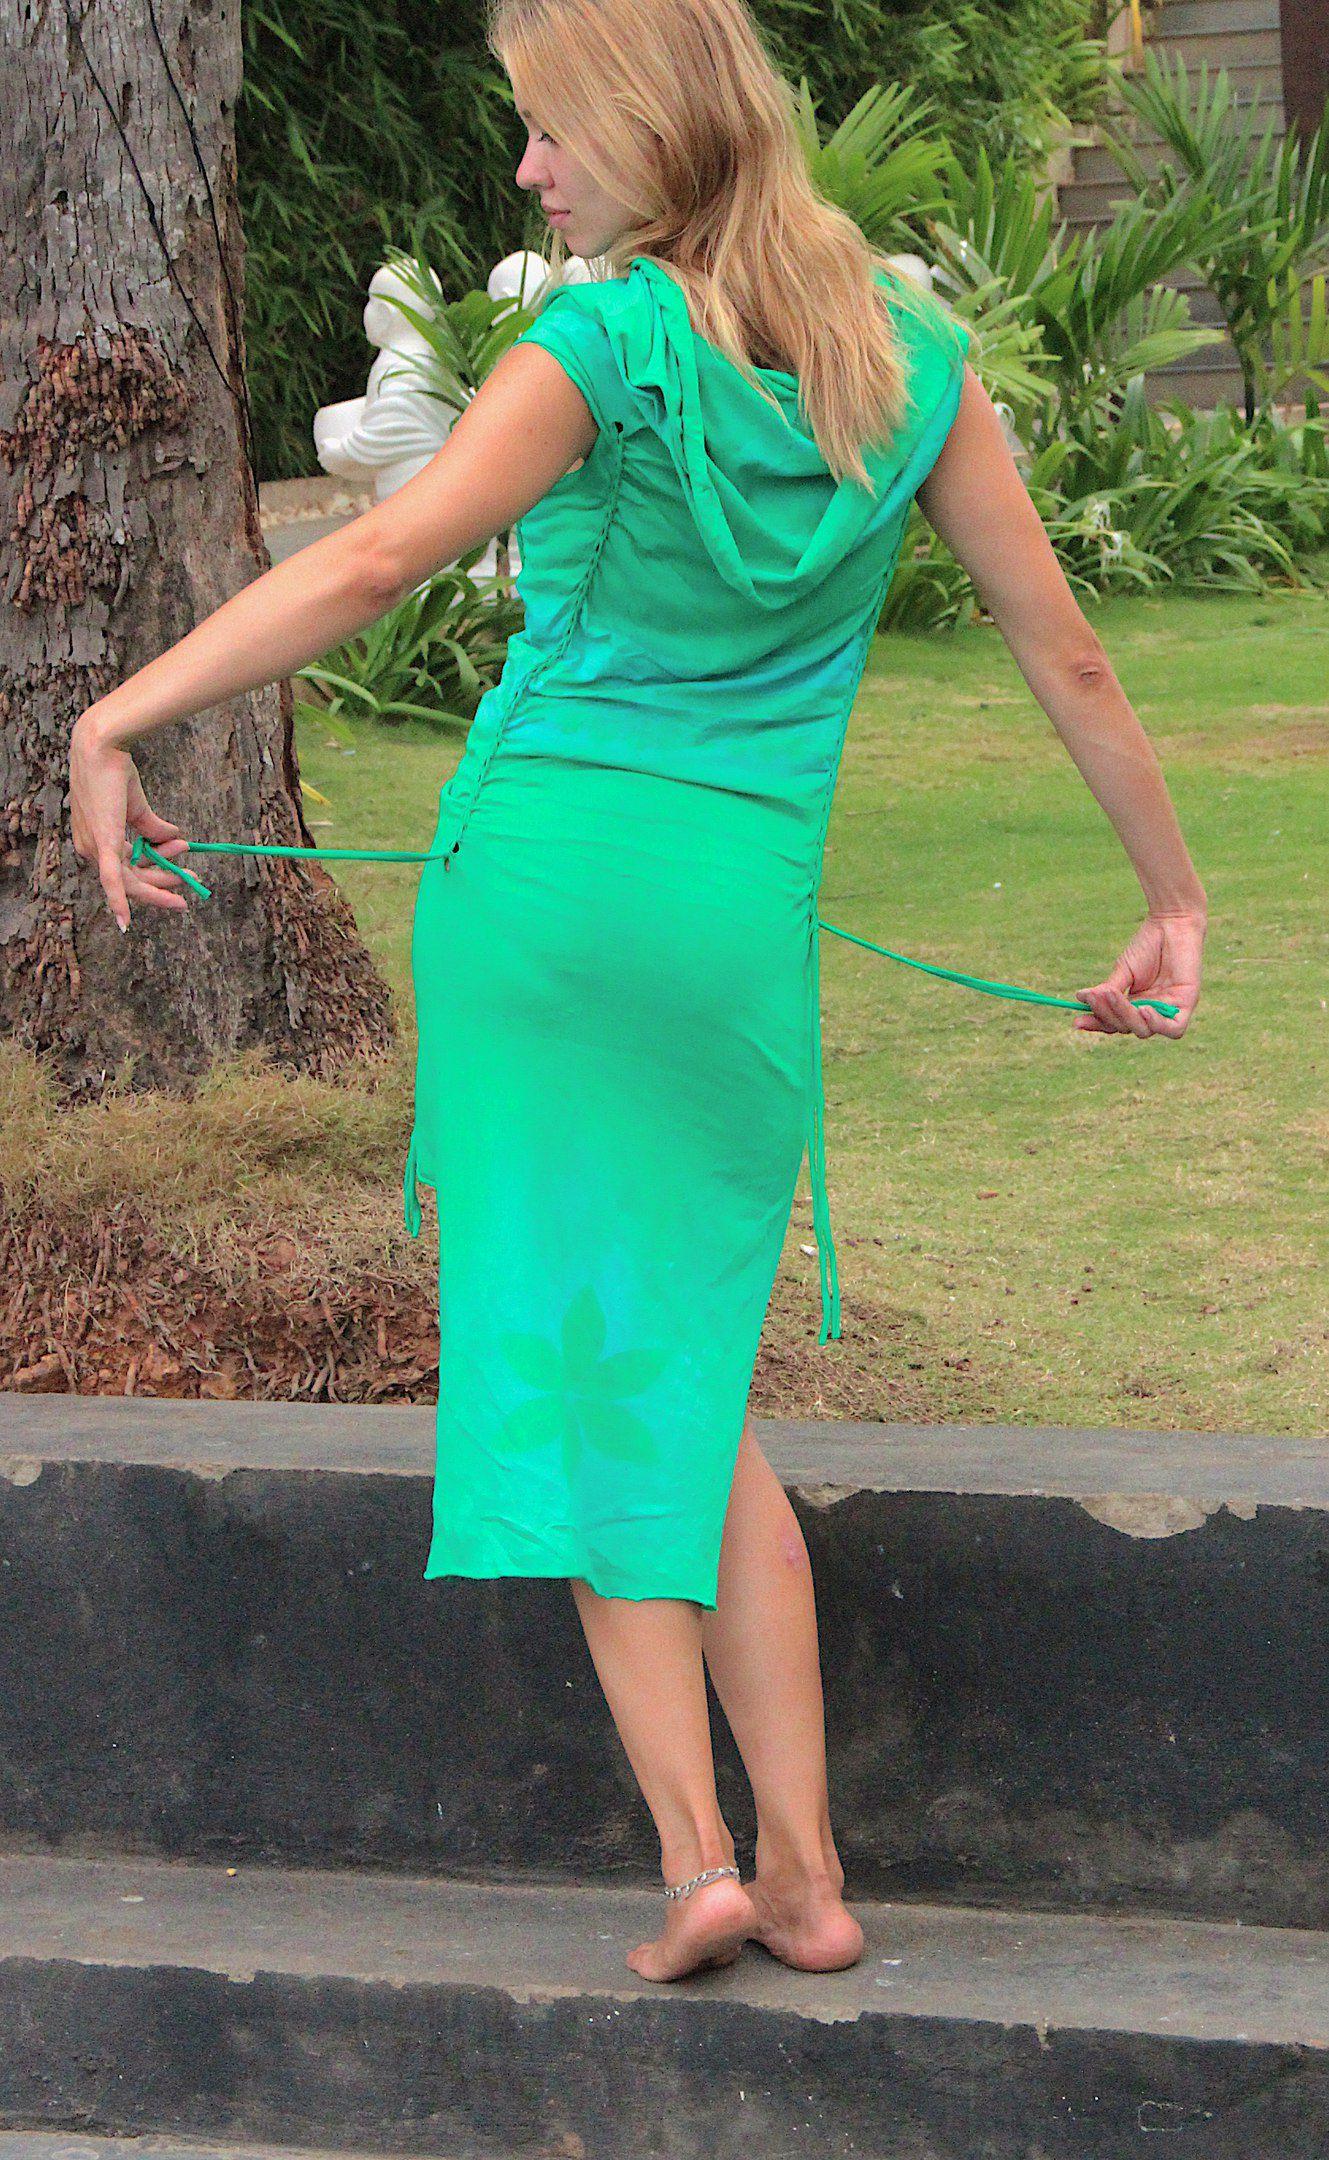 бохо легкоеплатье дляпрогулок экоткани купить москва летнееплатье красивоеплатье зеленое лето туника платье сарафан принт